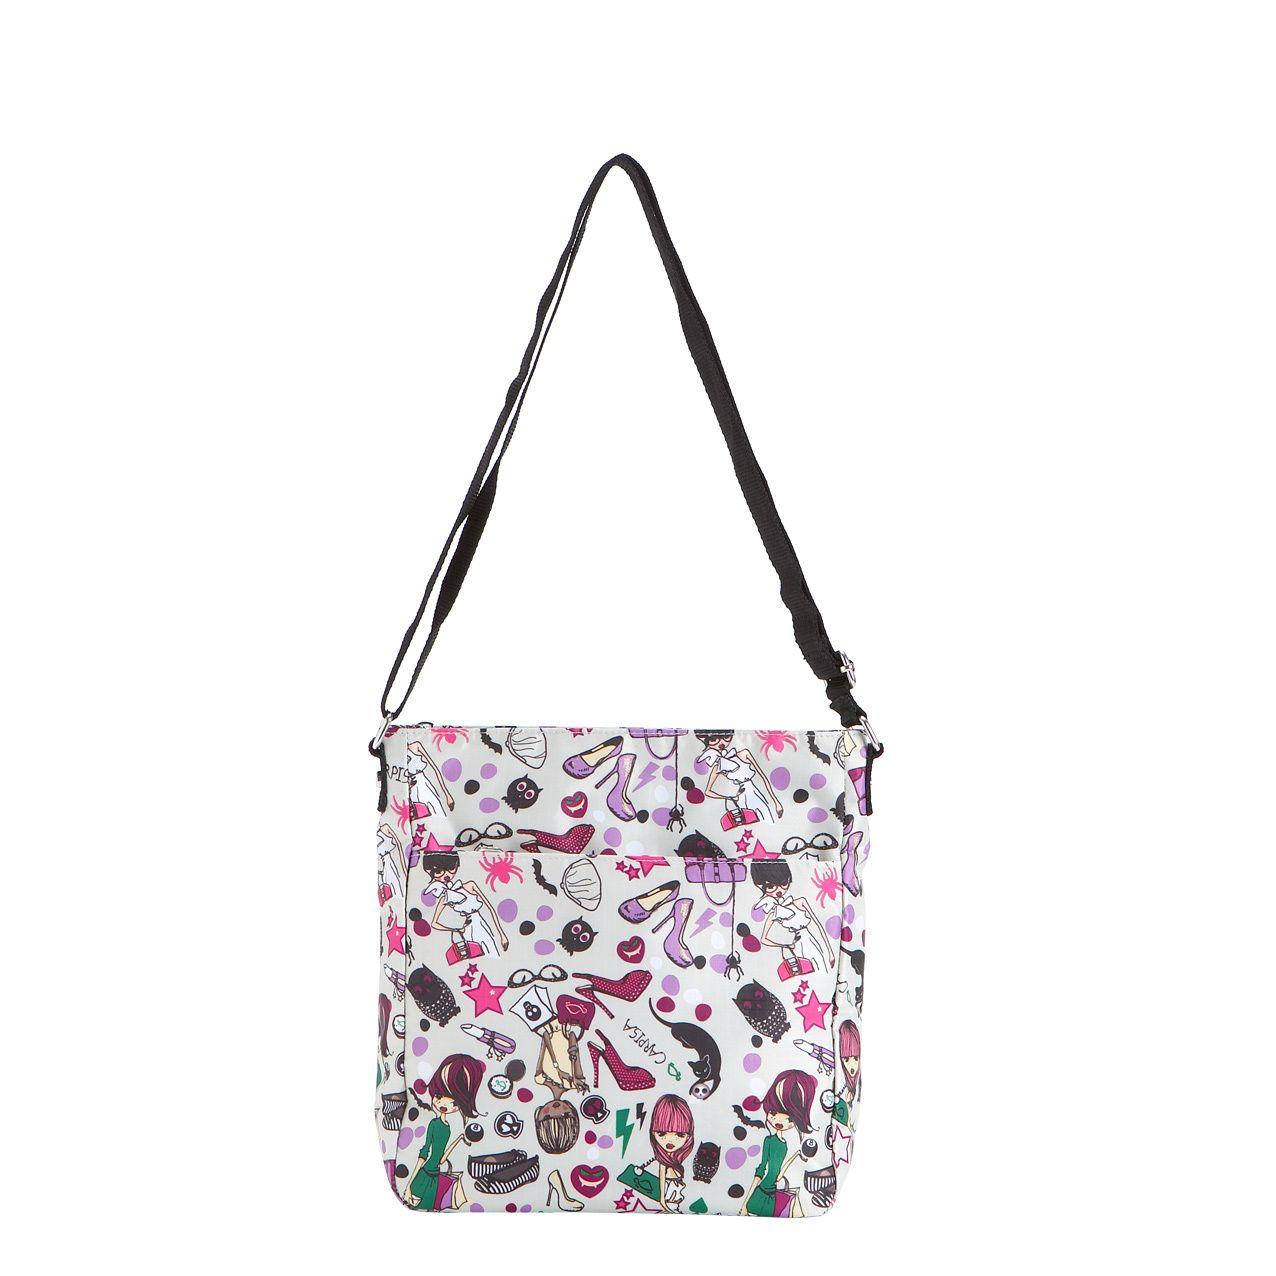 Carpisa - Shop Online - Woman - Bags - Clelia-Shoulder Bag  7fec8892ef4b9